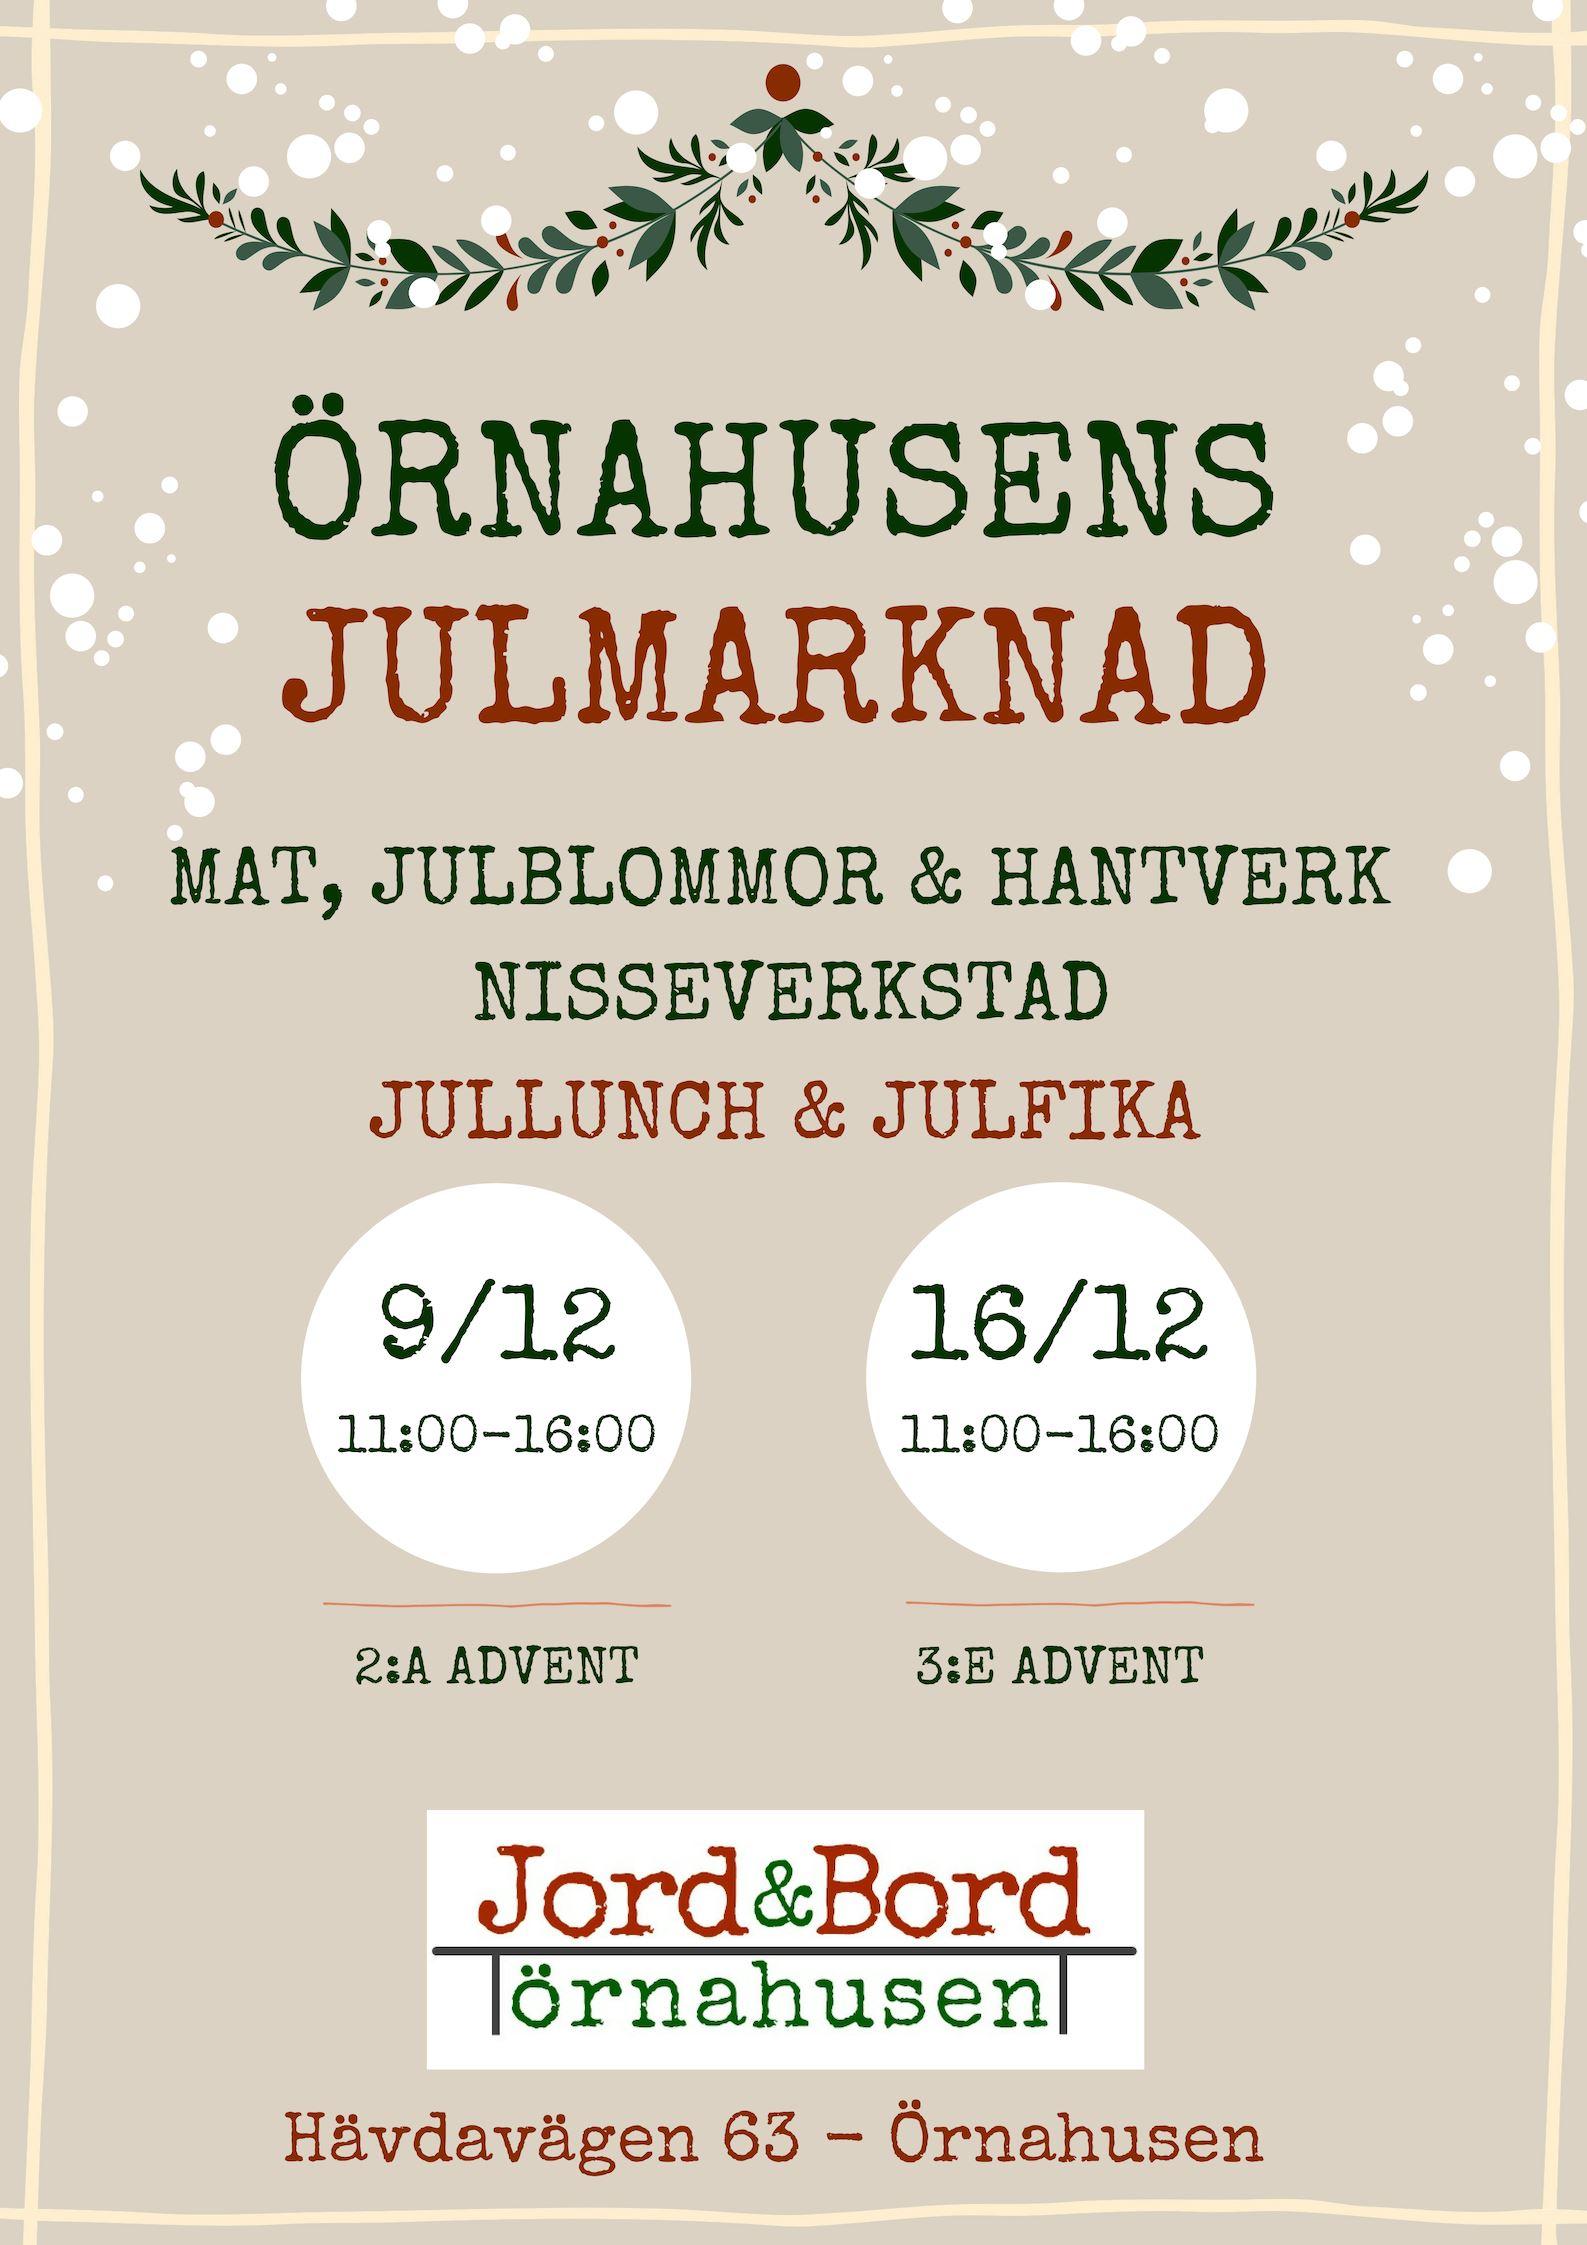 Örnahusens Julmarknad